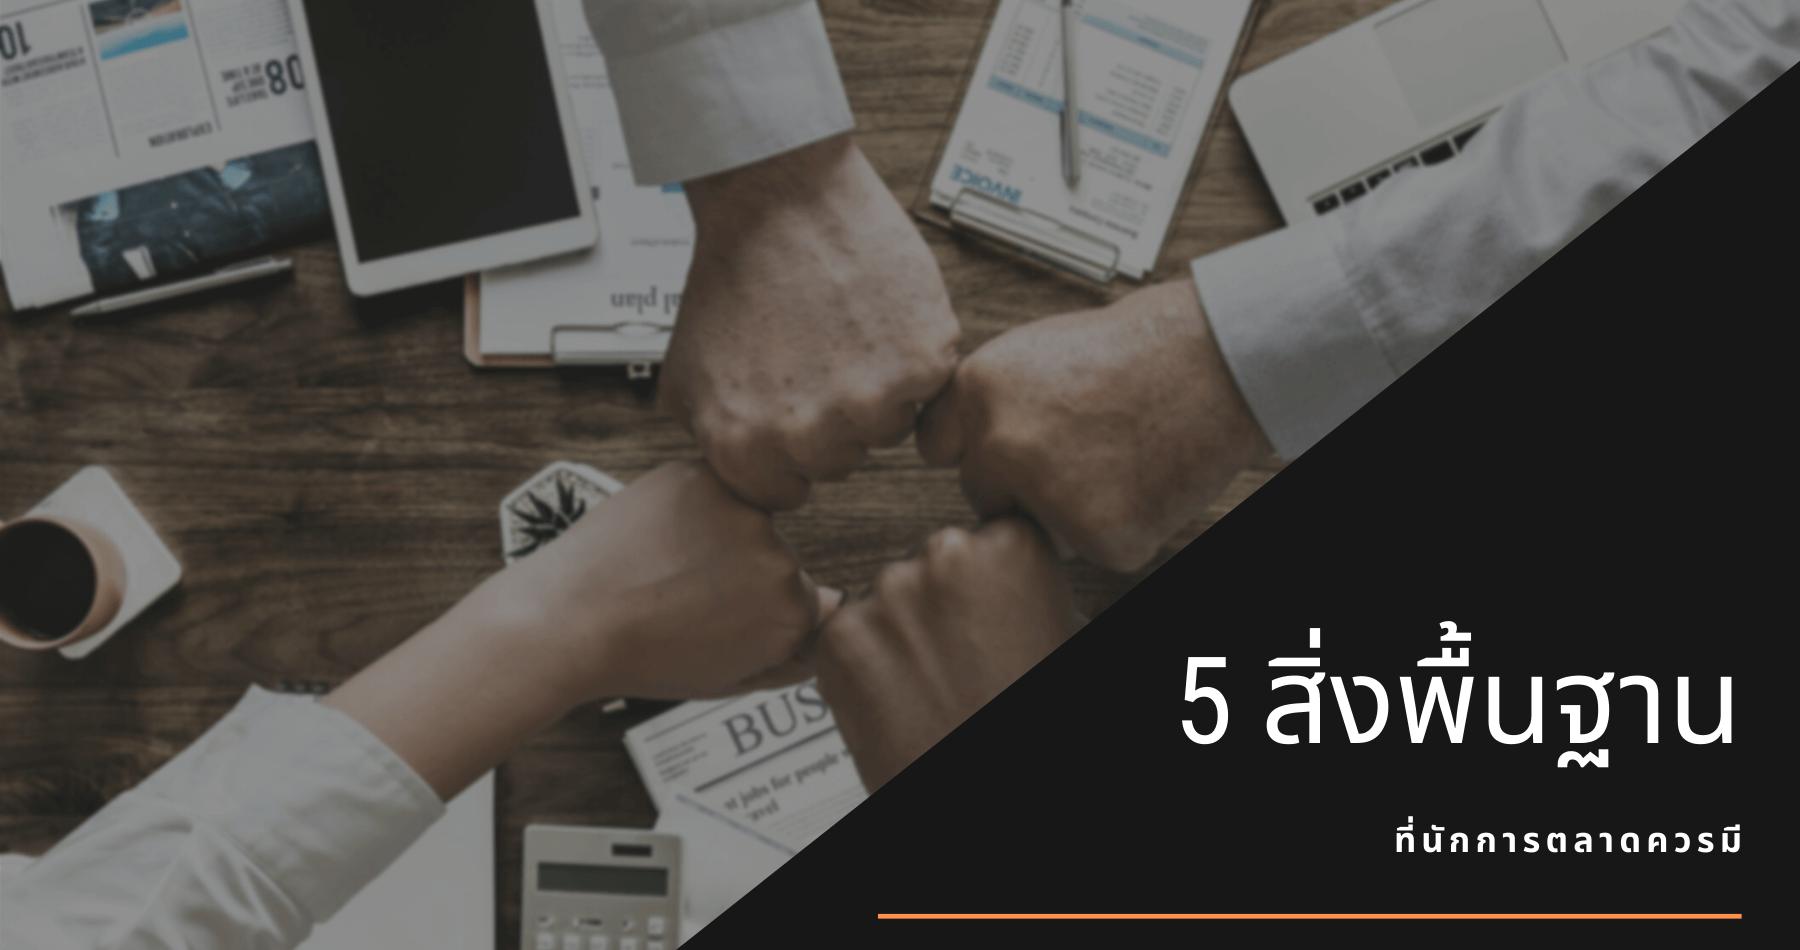 เปิด 5 สิ่งพื้นฐานที่นักการตลาดควรมี